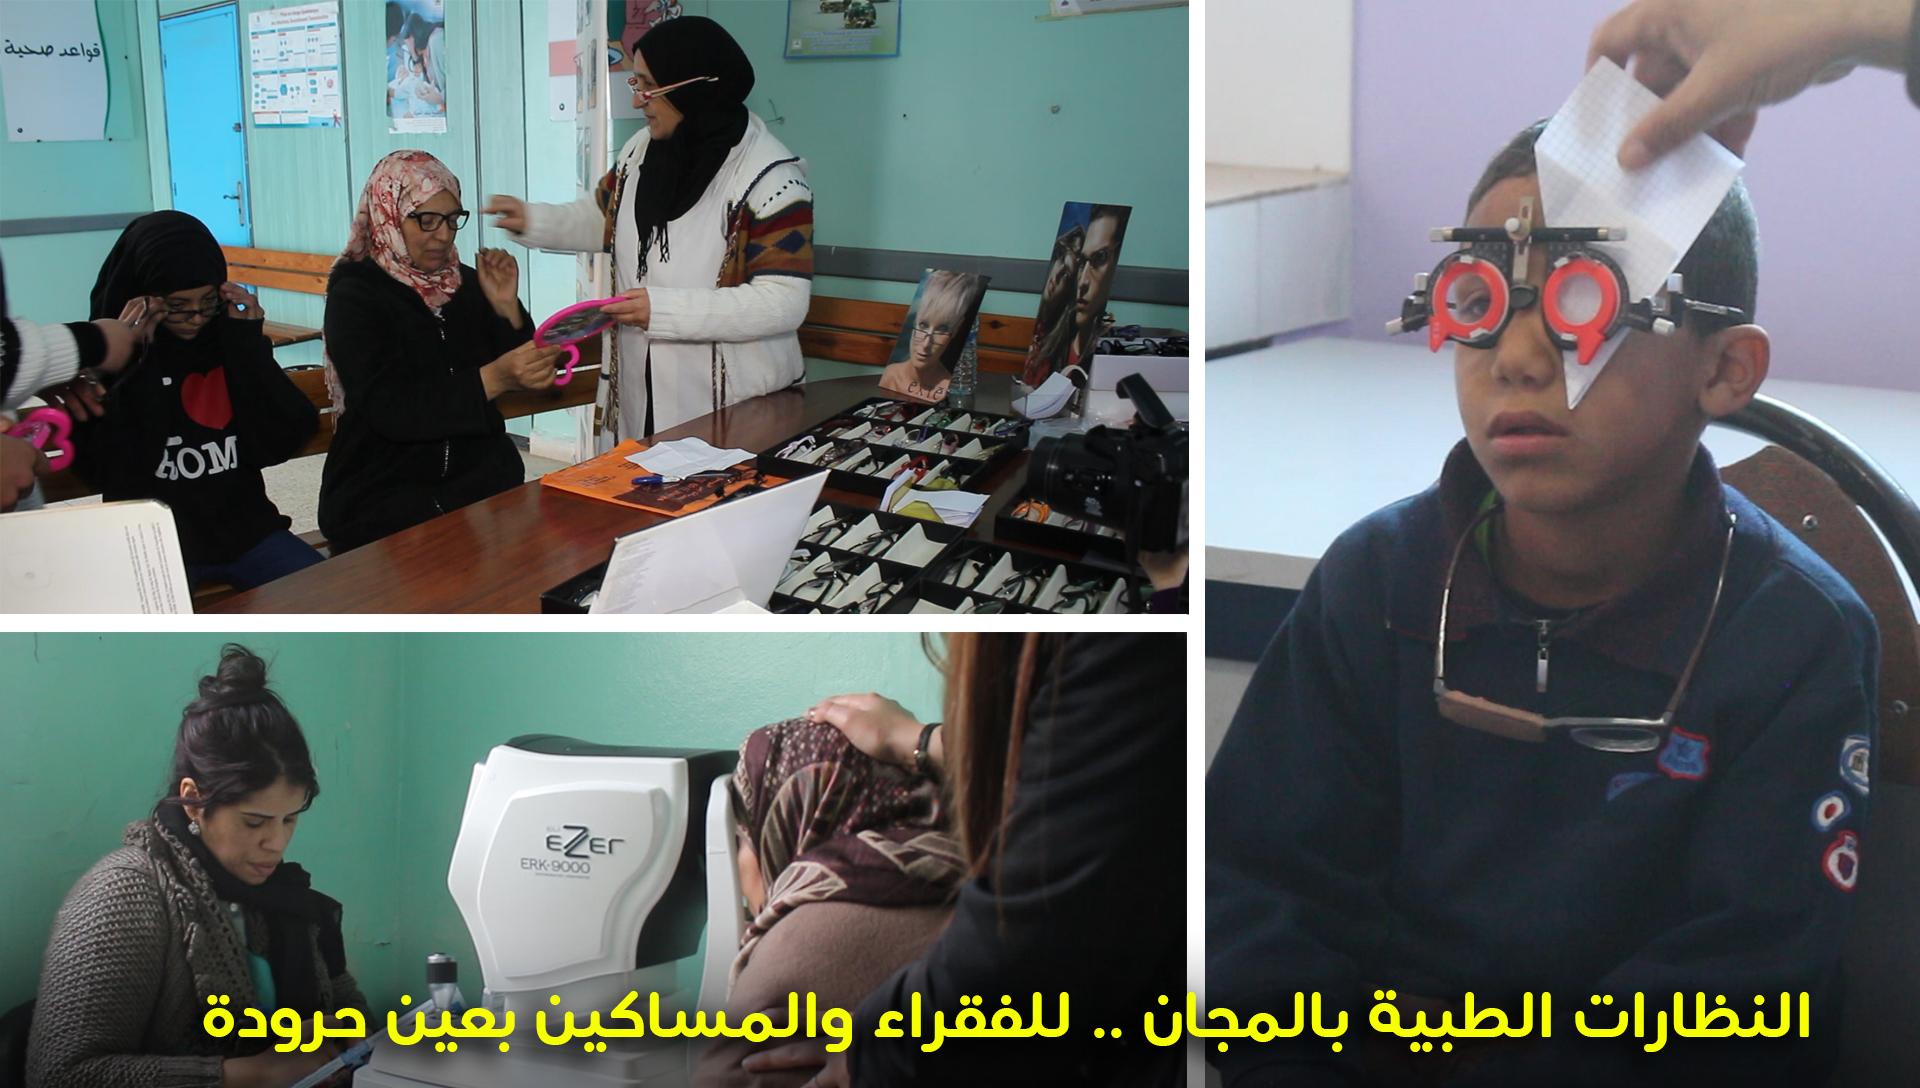 النظارات الطبية بالمجان .. للفقراء والمساكين  والارامل  واطفال المدارس بعين حرودة